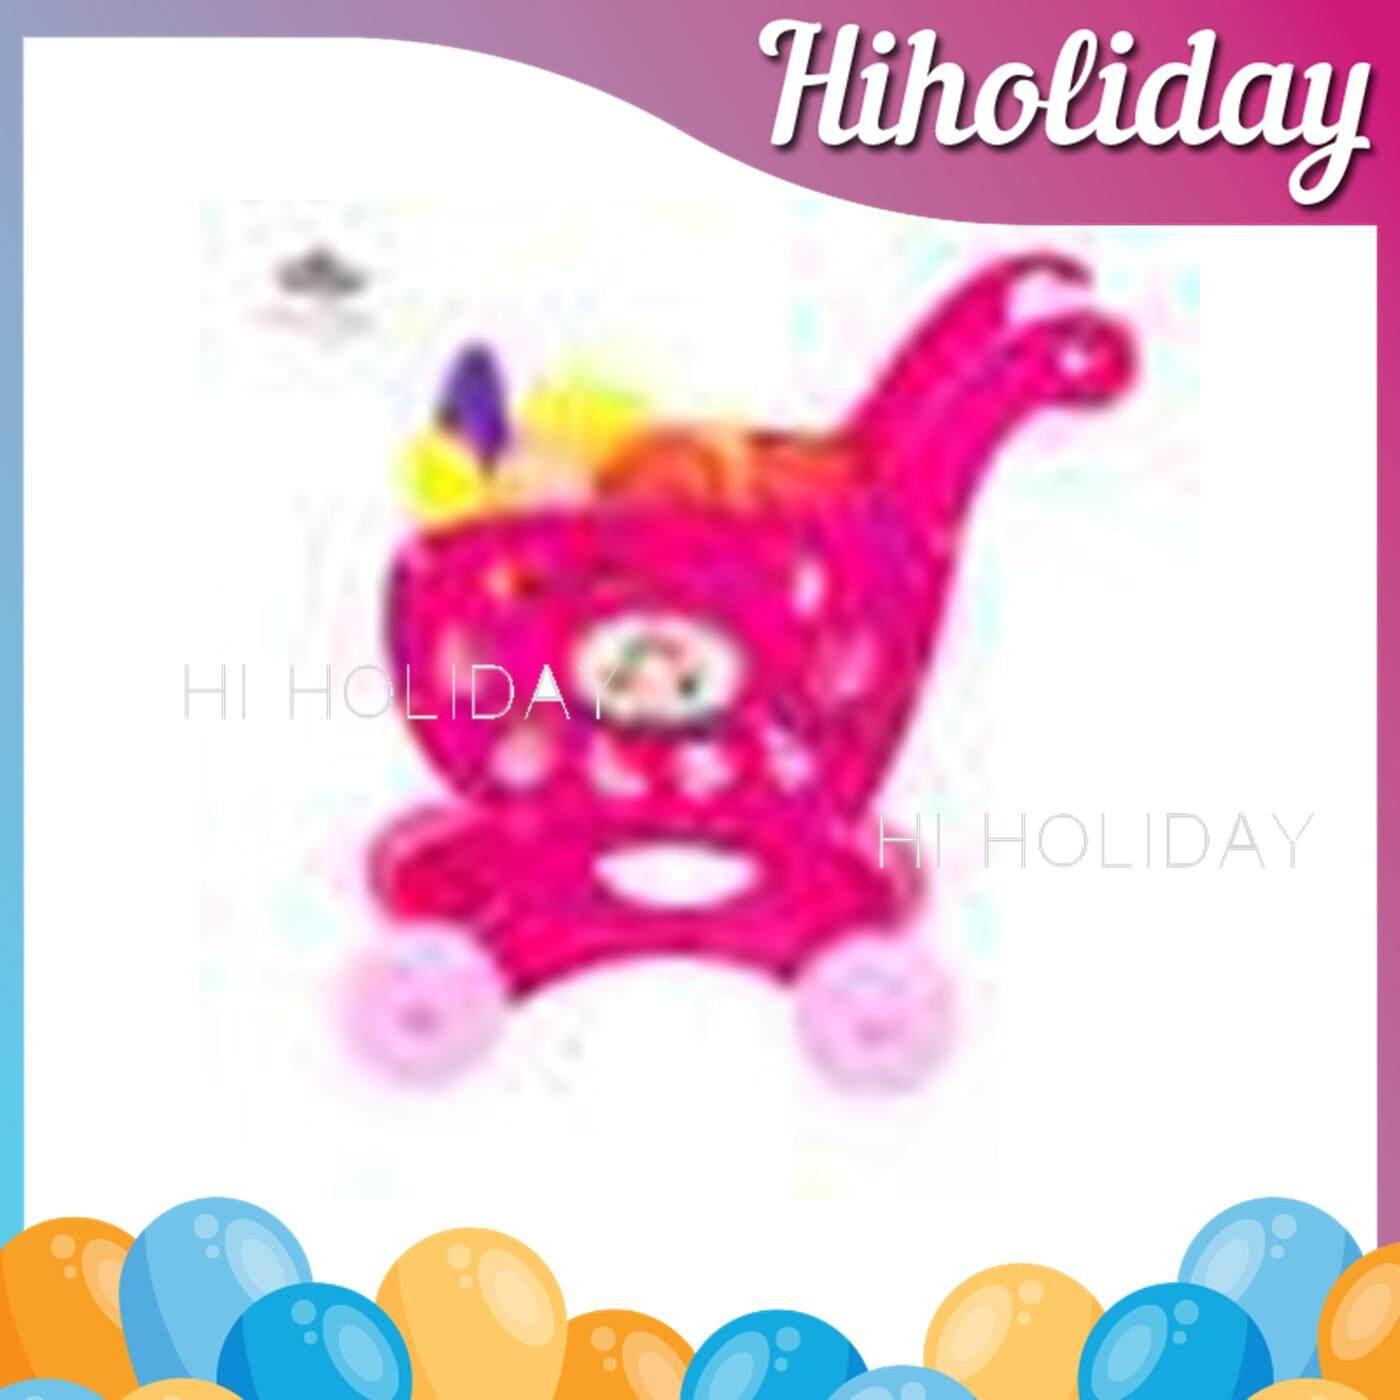 [[จัดส่งฟรี]] ของเล่นเด็กชุดรถเข็นผักและผลไม้ Inbealy Shopping Cart No.985 ของเล่นเสริมทักษะ ไม่เป็นอันตราย ฝึกสมอง ให้เด็กหัดเรียนรู้ มีคุณภาพ บริการเก็บเงินปลายทาง By Hiholiday.